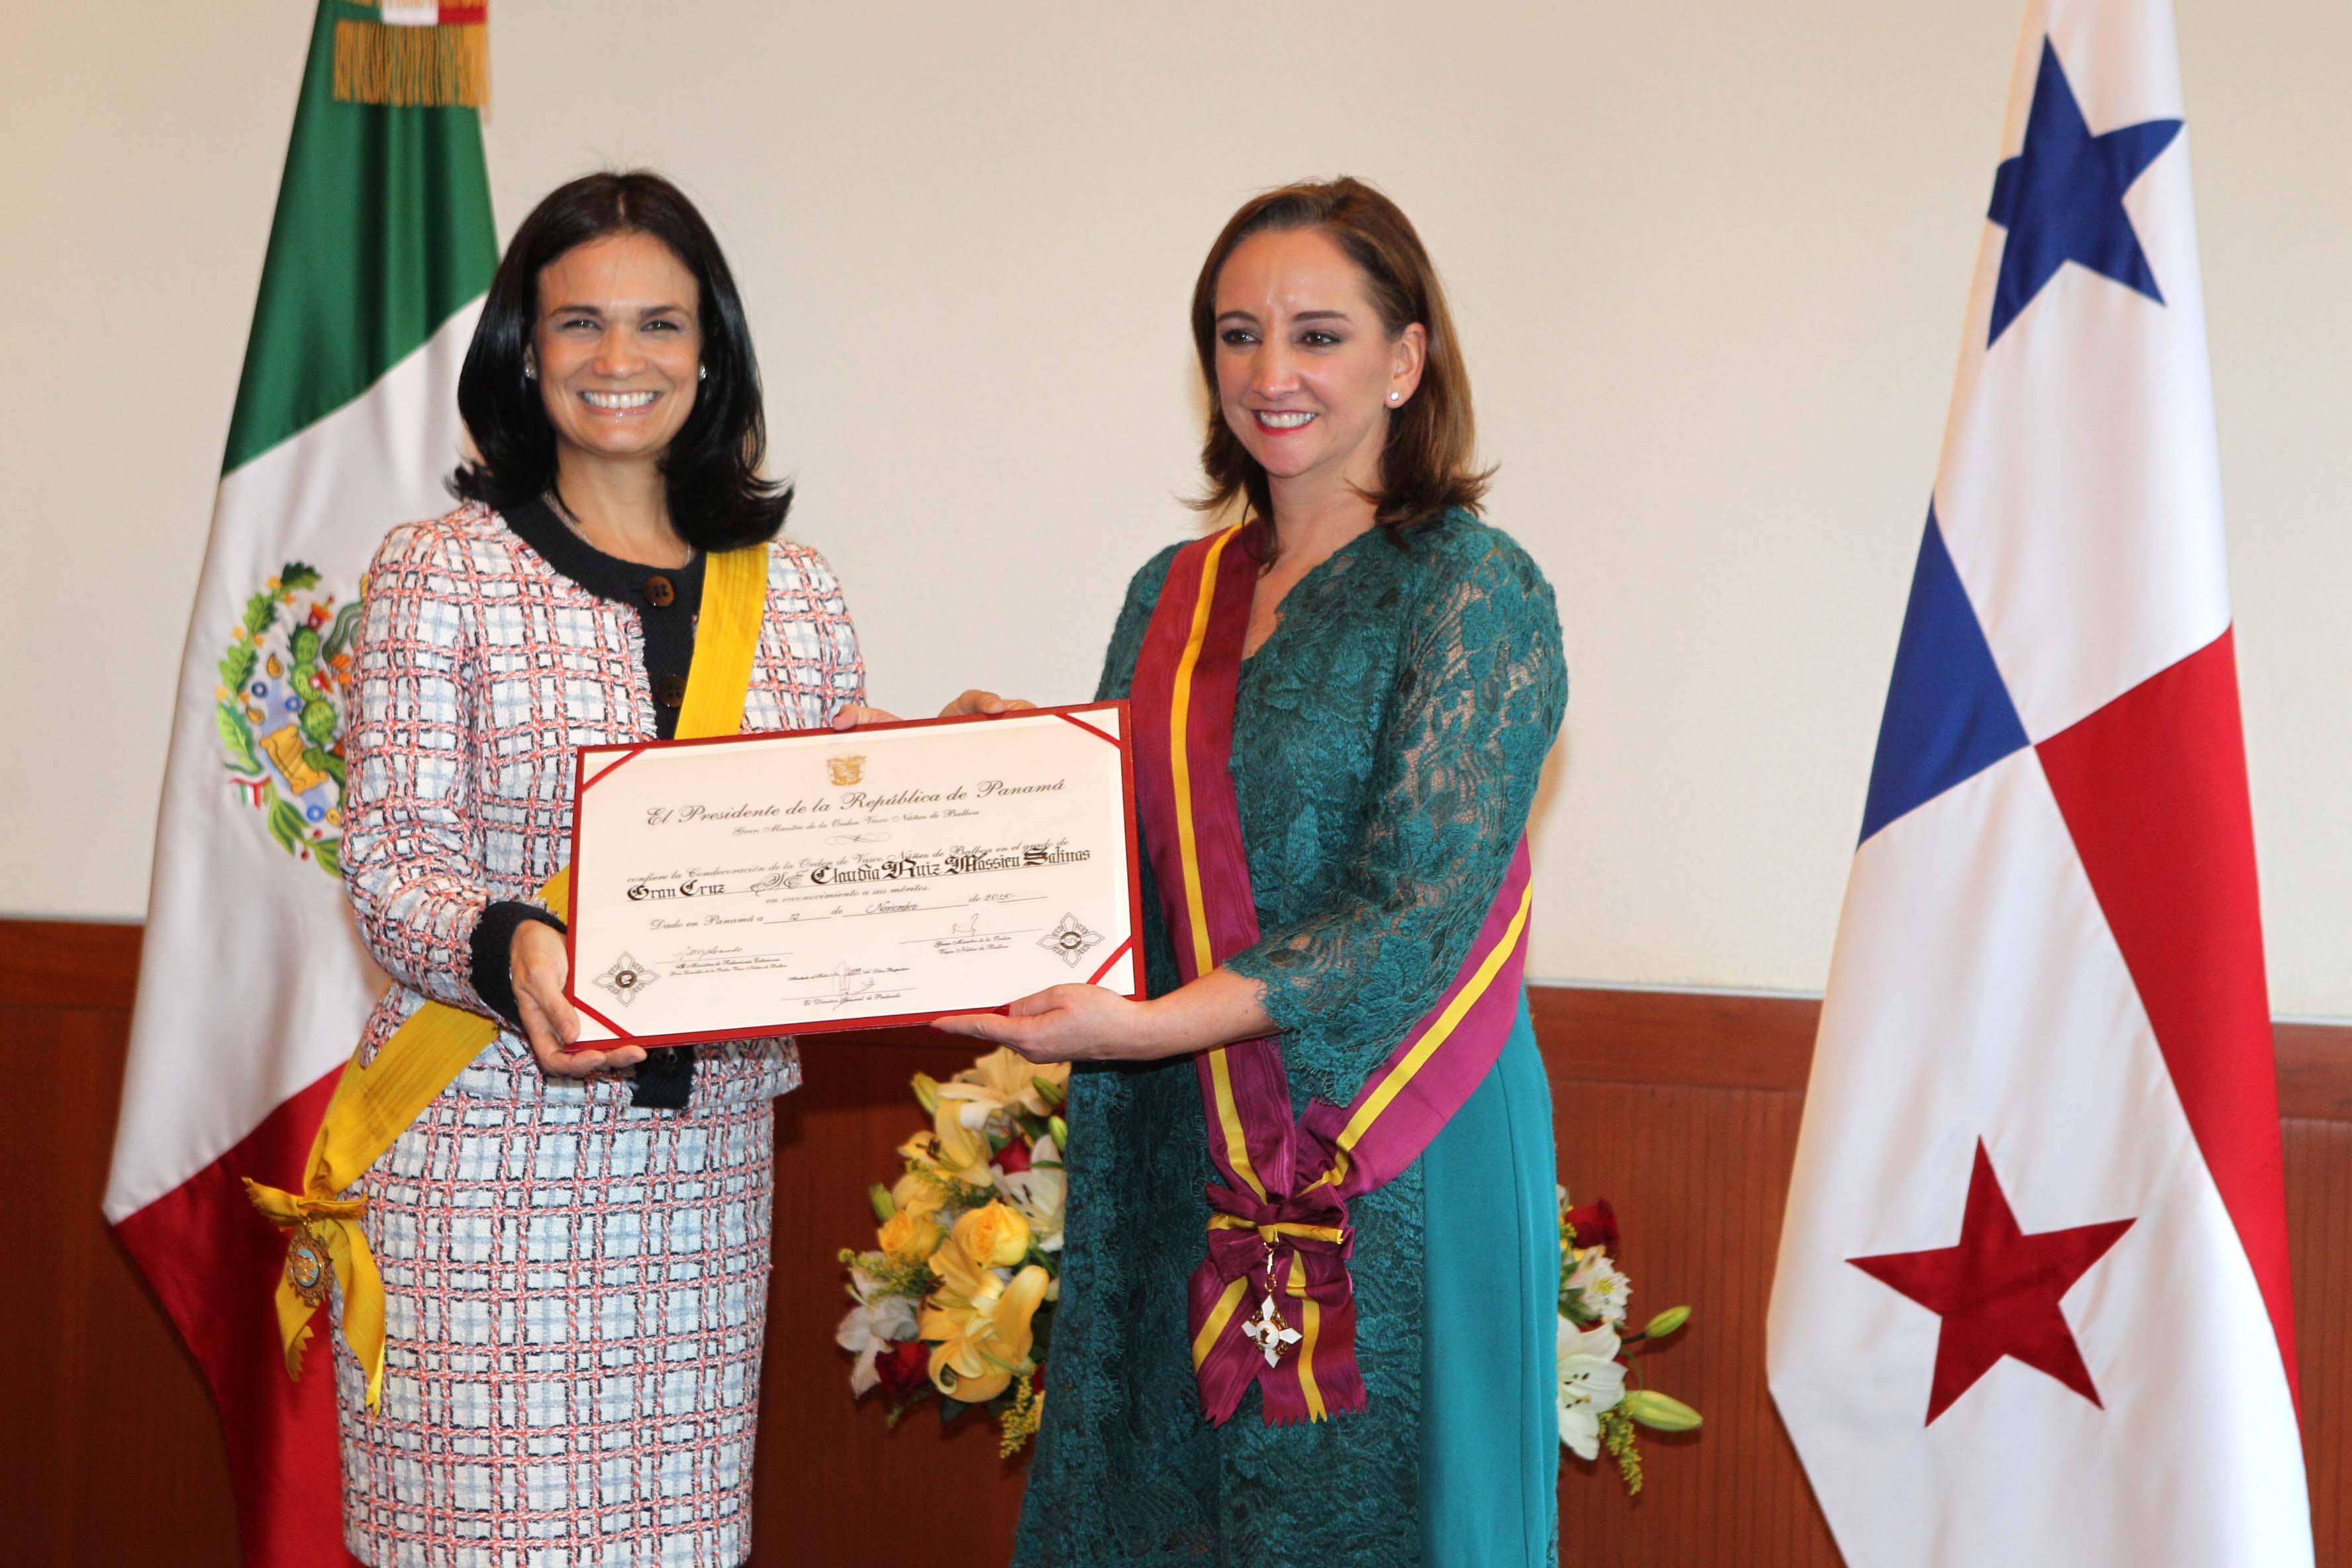 FOTO 2 Canciller Claudia Ruiz Massieu y la Vicepresidenta de la Rep blica de Panam   Isabel de Saint Malo de Alvaradojpg